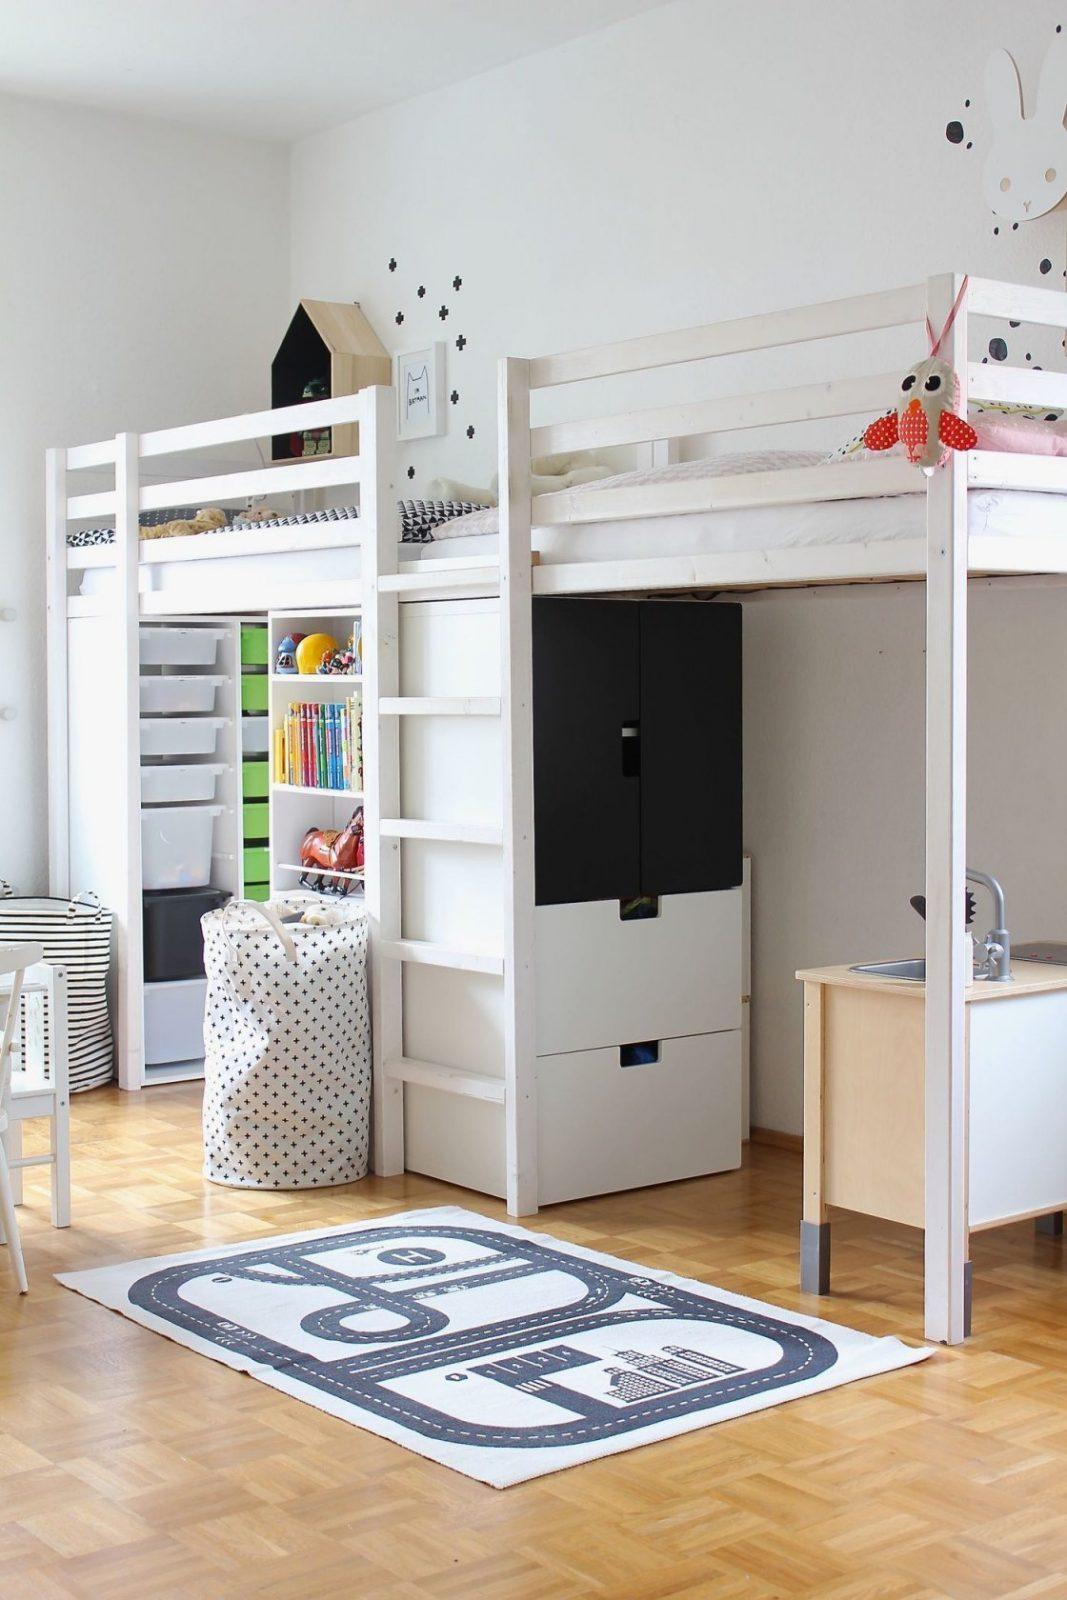 Ideen Für Das Ikea Stuva Kinderzimmer Einrichtungssystem von Platzsparendes Bett Selber Bauen Bild